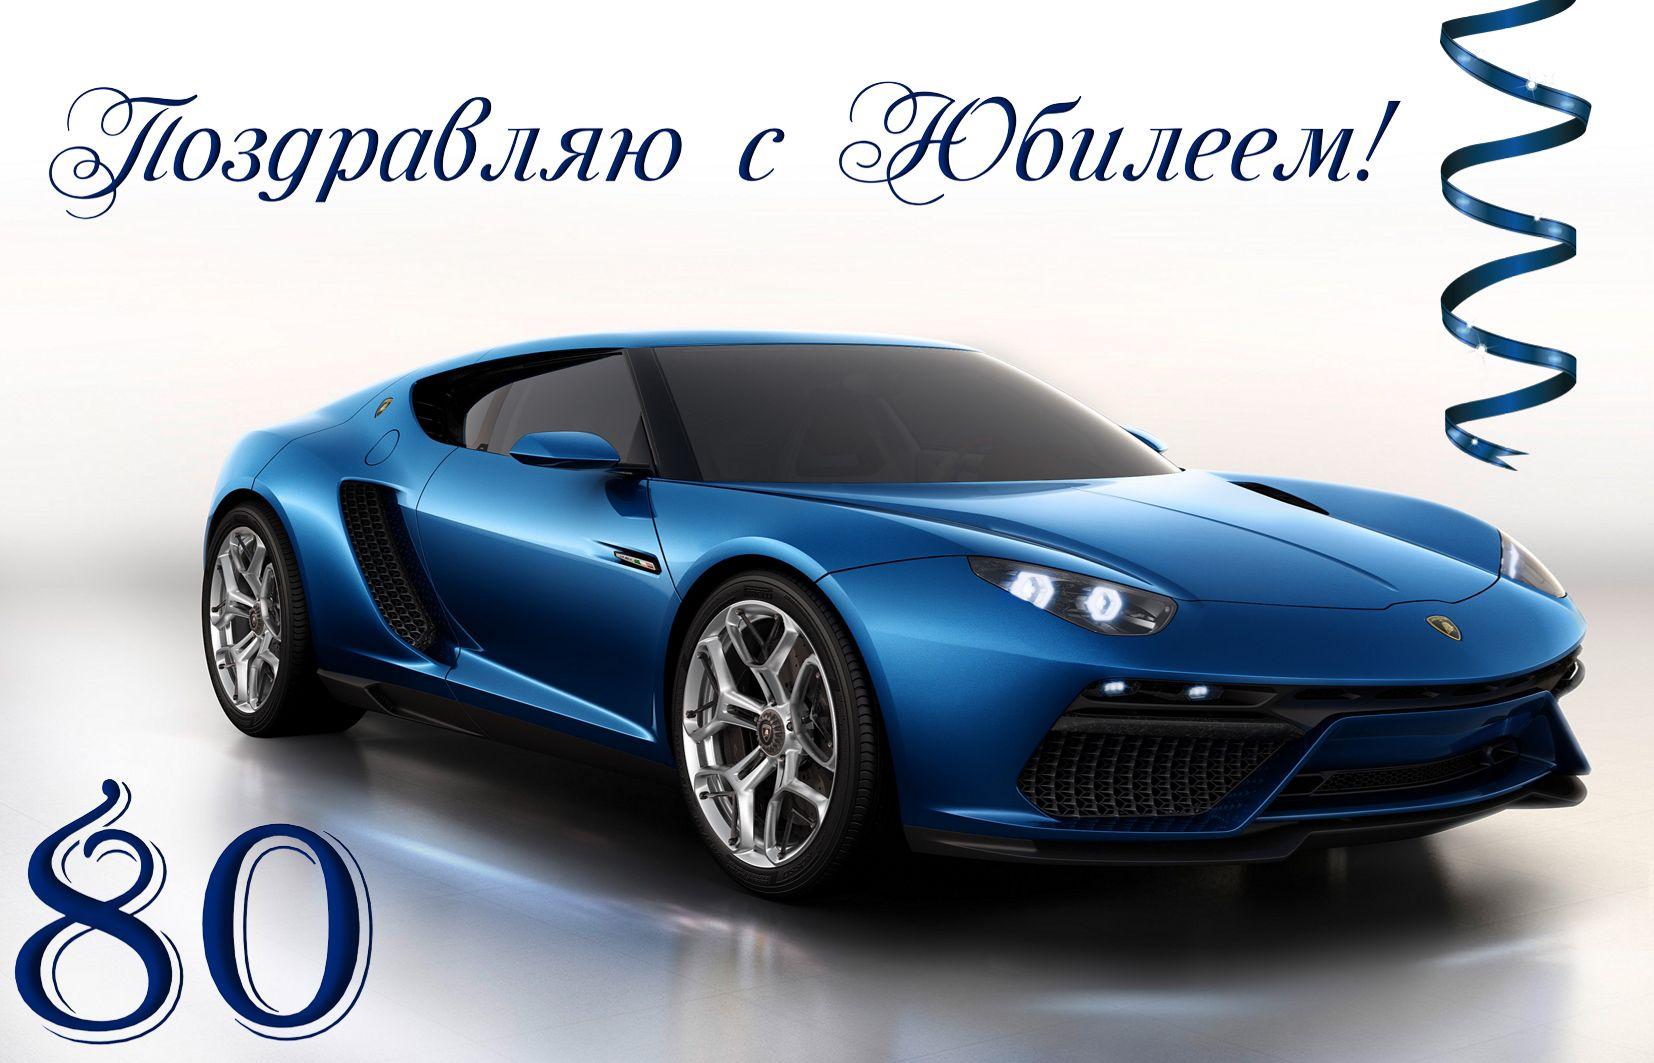 Синяя спортивная машина на юбилей 80 лет